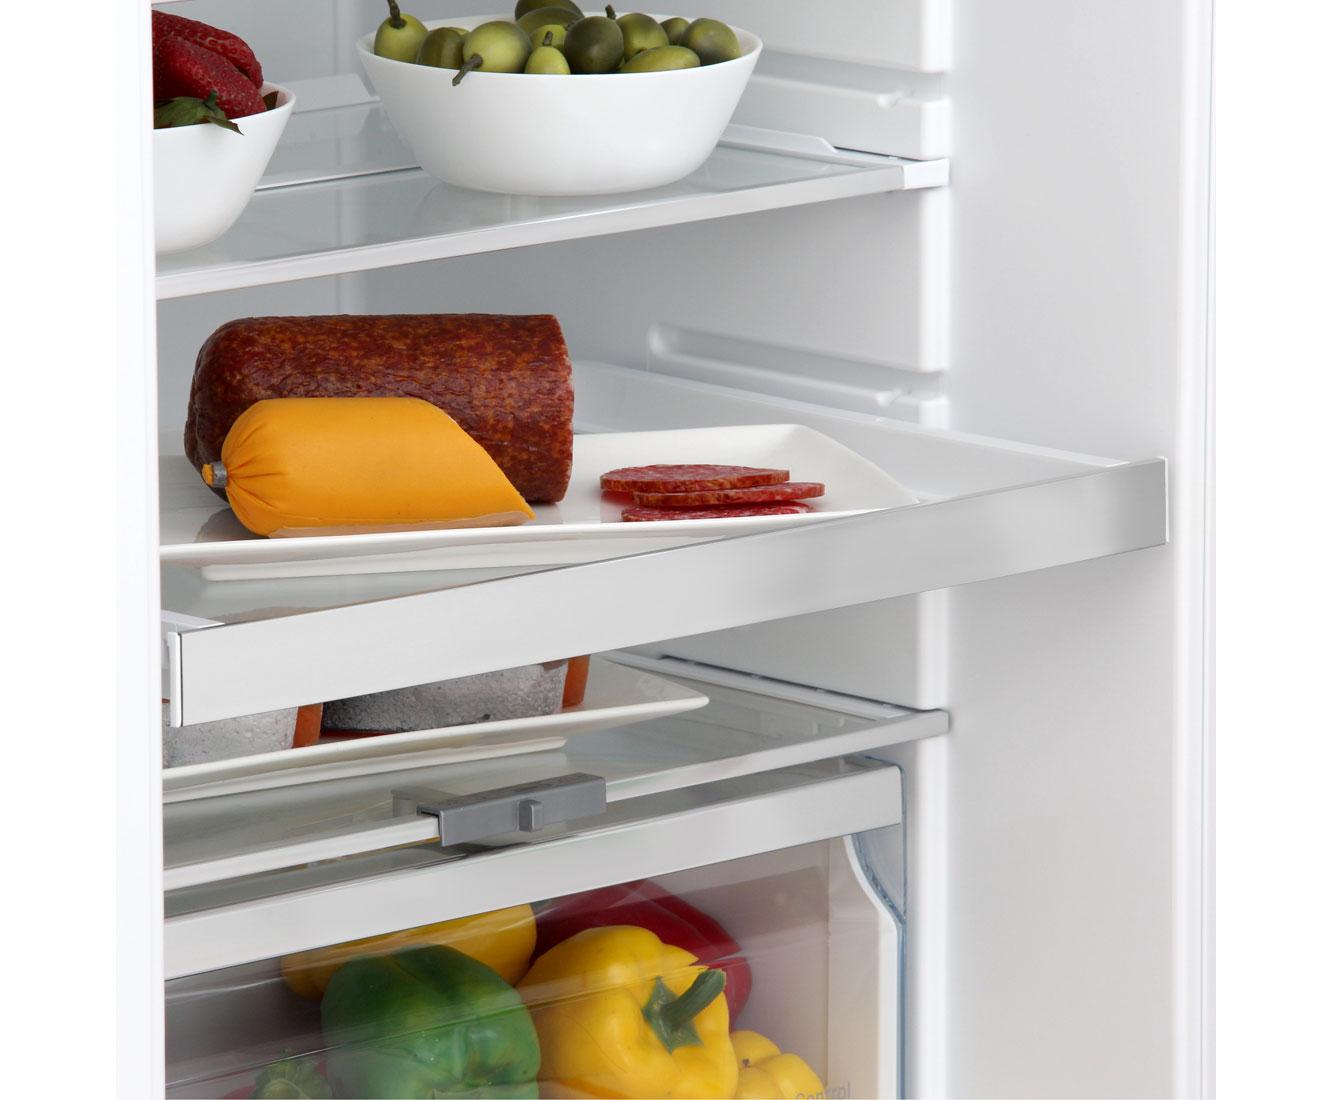 Bosch Kühlschrank Orange : Bosch serie 8 ksl20ar30 kühlschrank mit gefrierfach rot retro